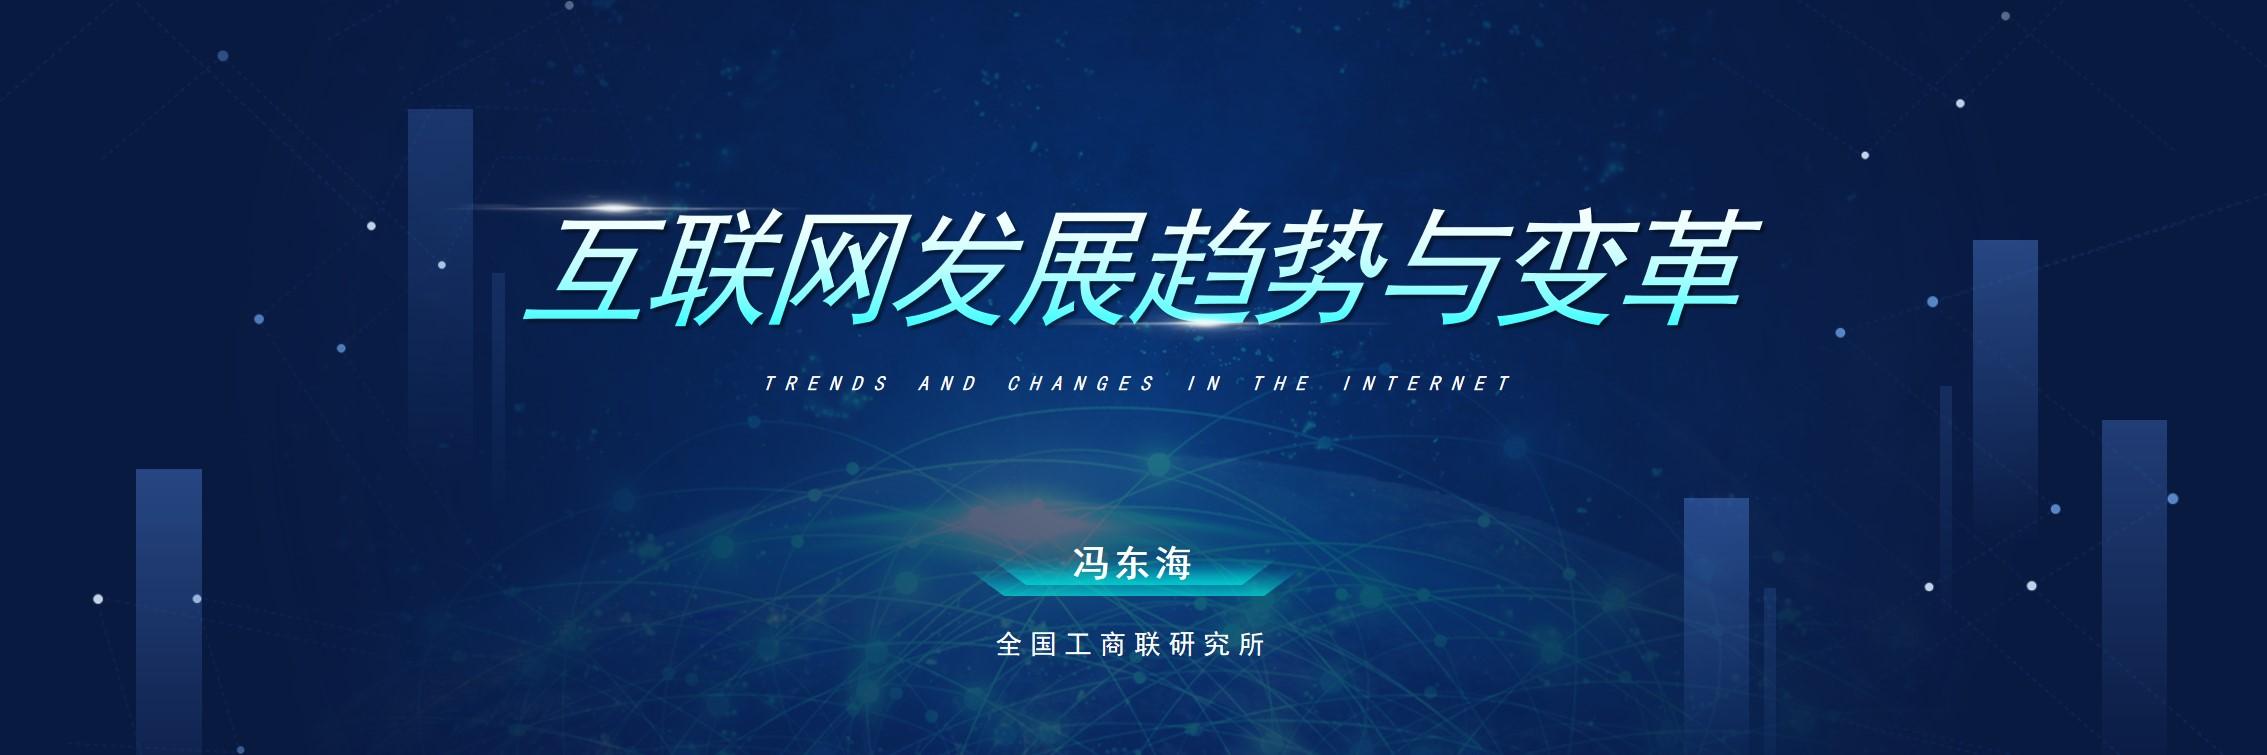 超宽屏移动互联网科技产品发布会PPT模板